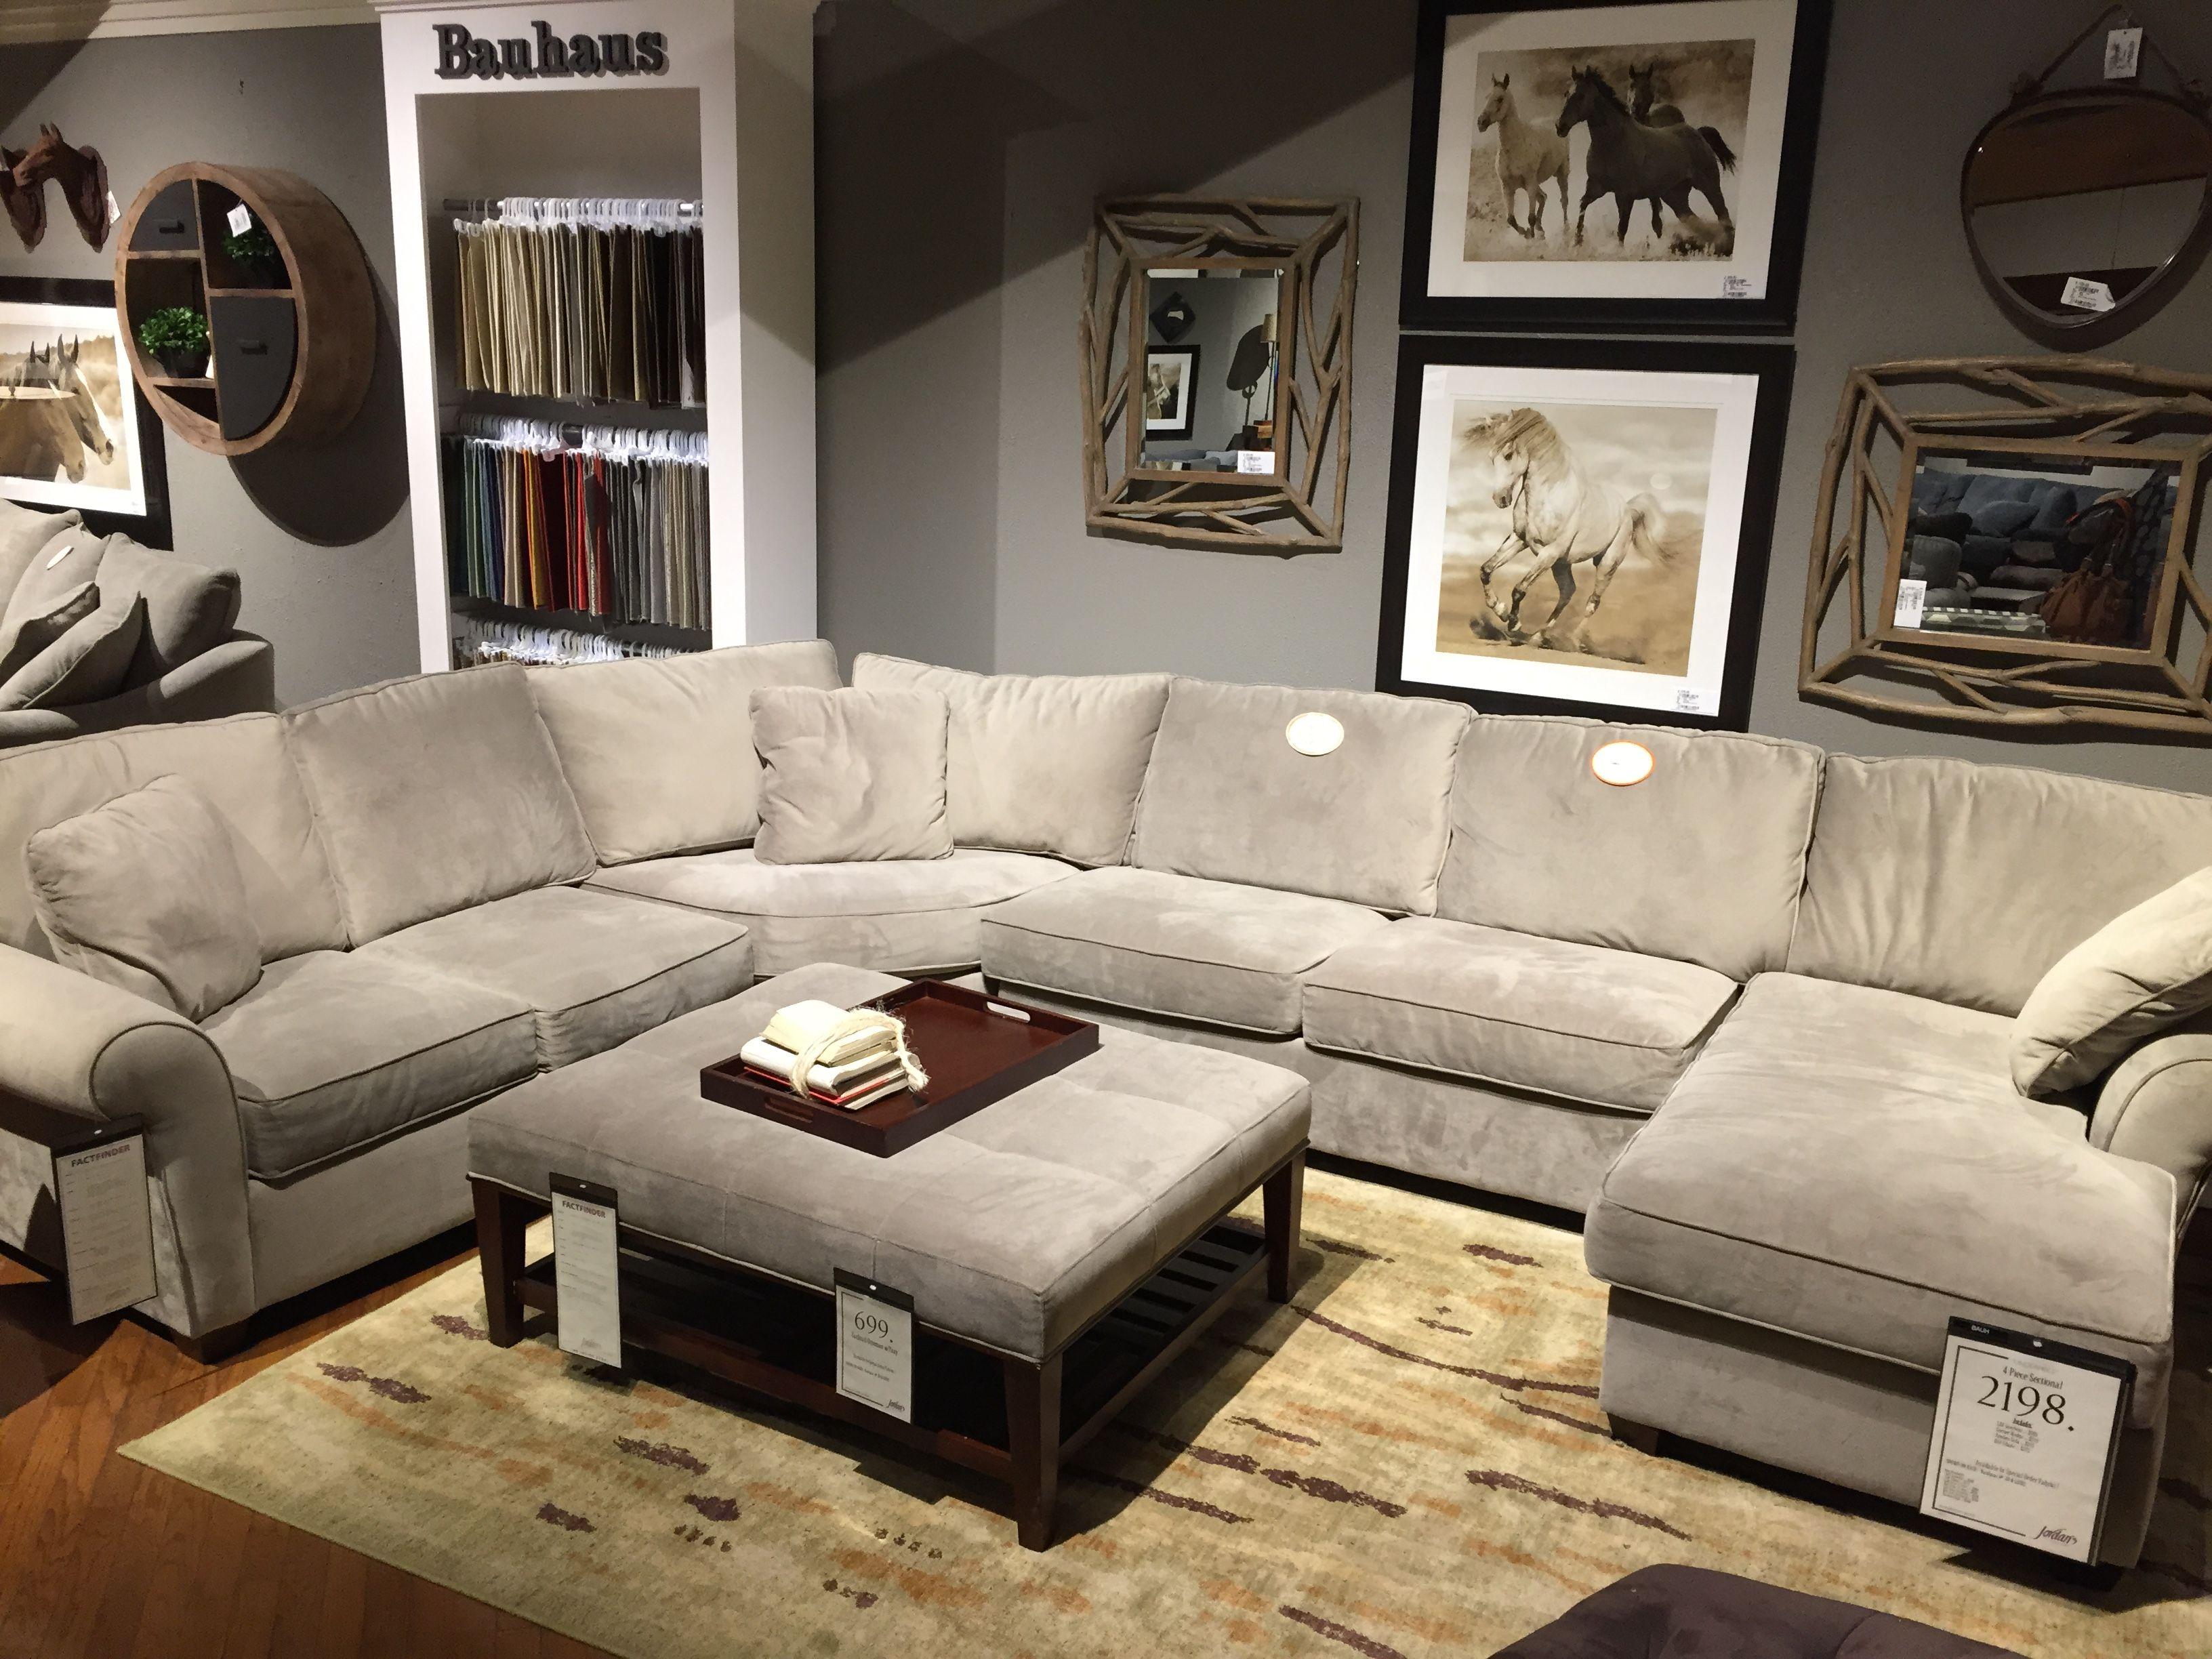 Jordans sectional / sunbrella | New Living Room | Pinterest | Living ...